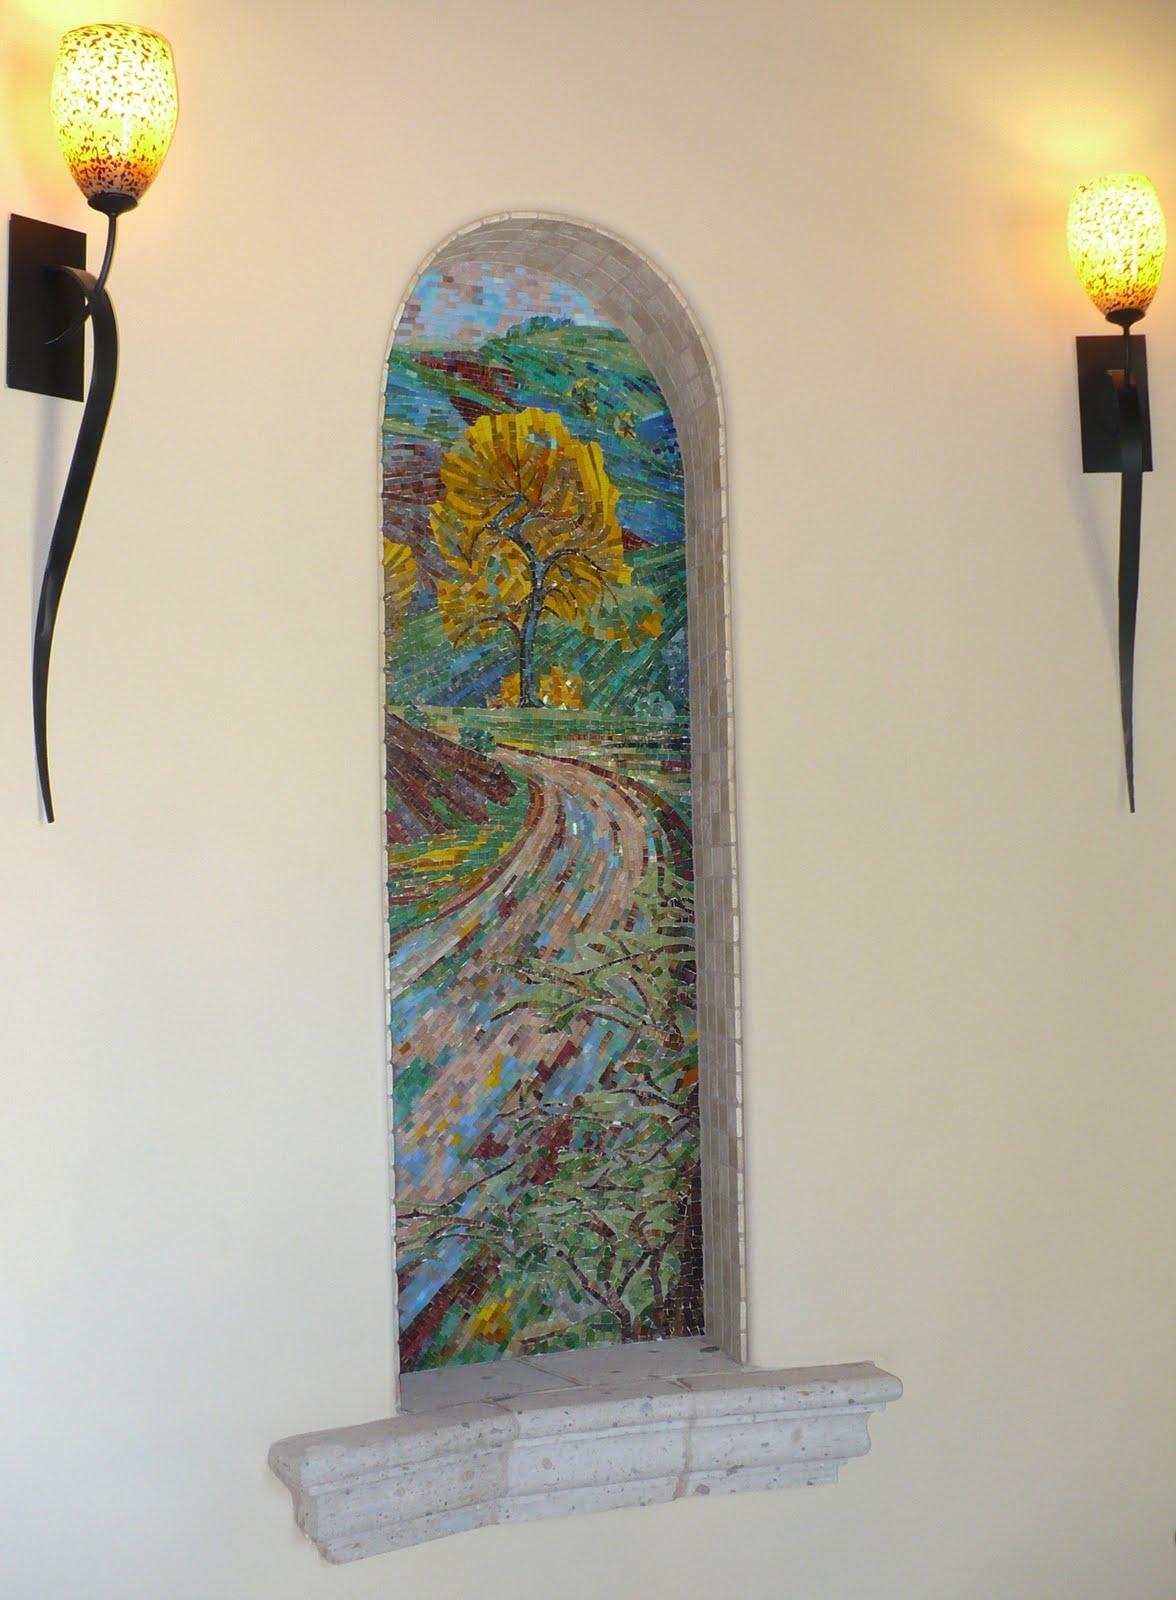 Hakatai tile mosaic mural windows for Custom mosaic tile mural